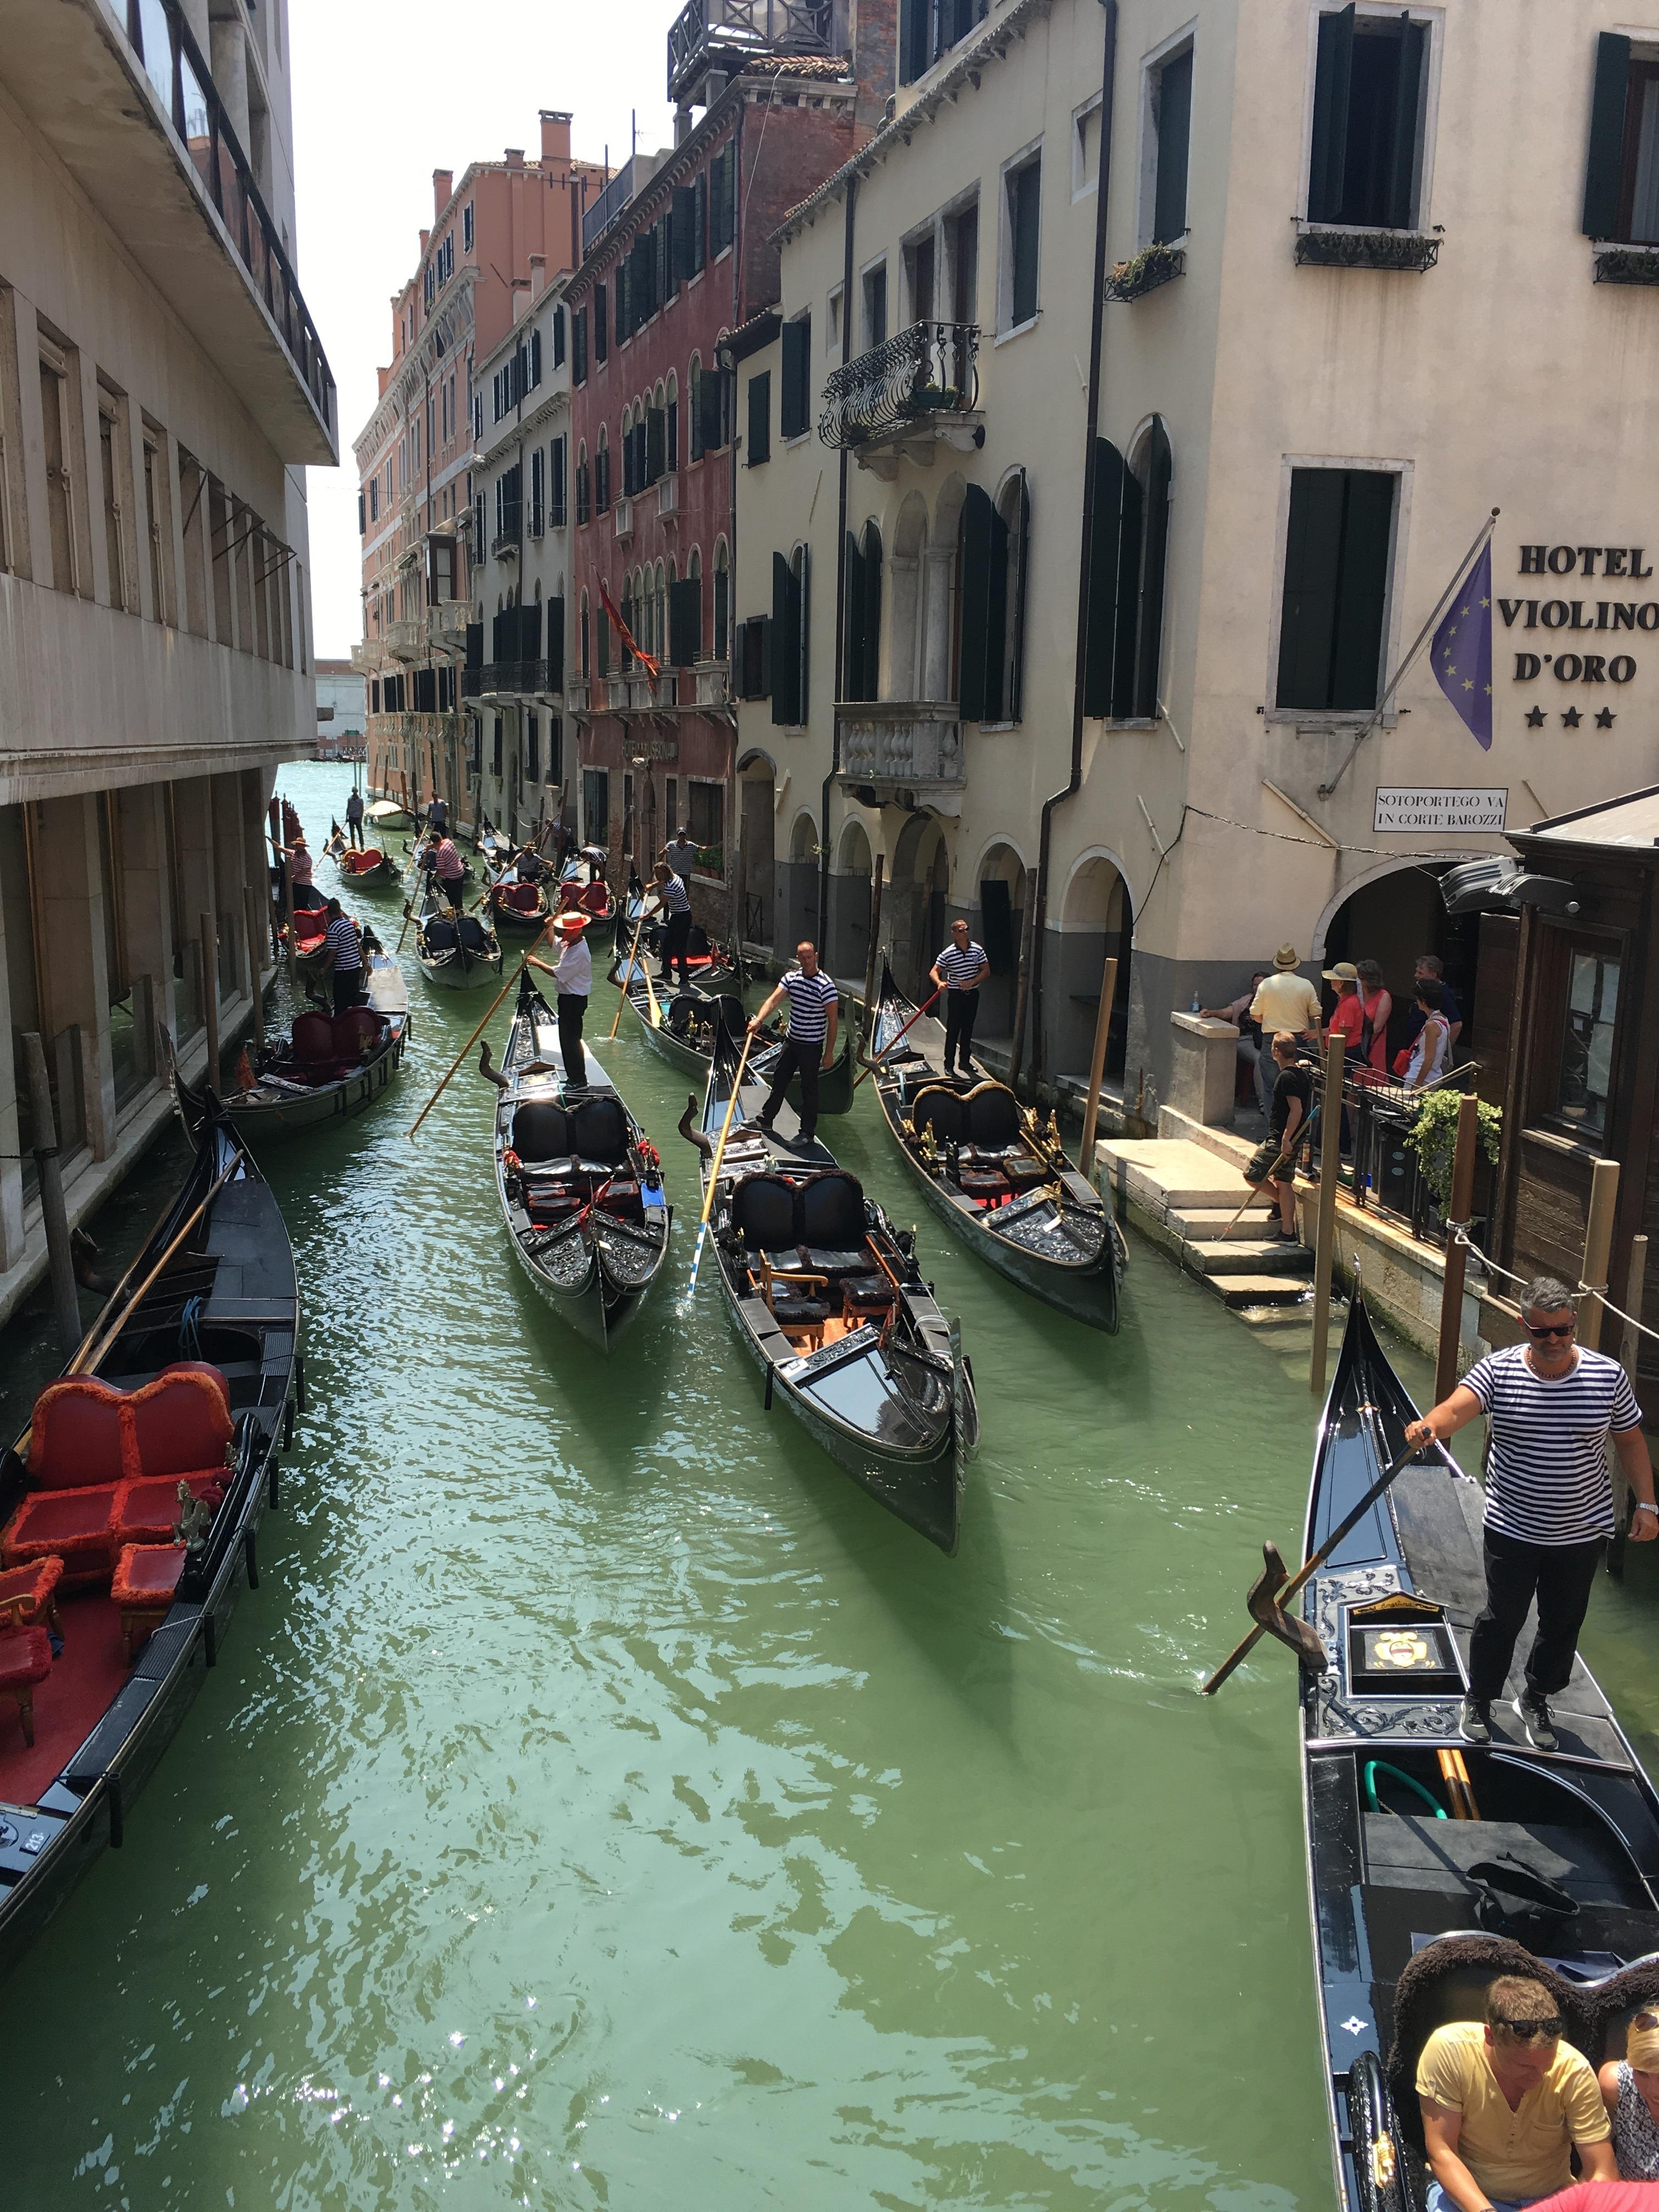 птицы проживают фото венецианской гондолы знают чего